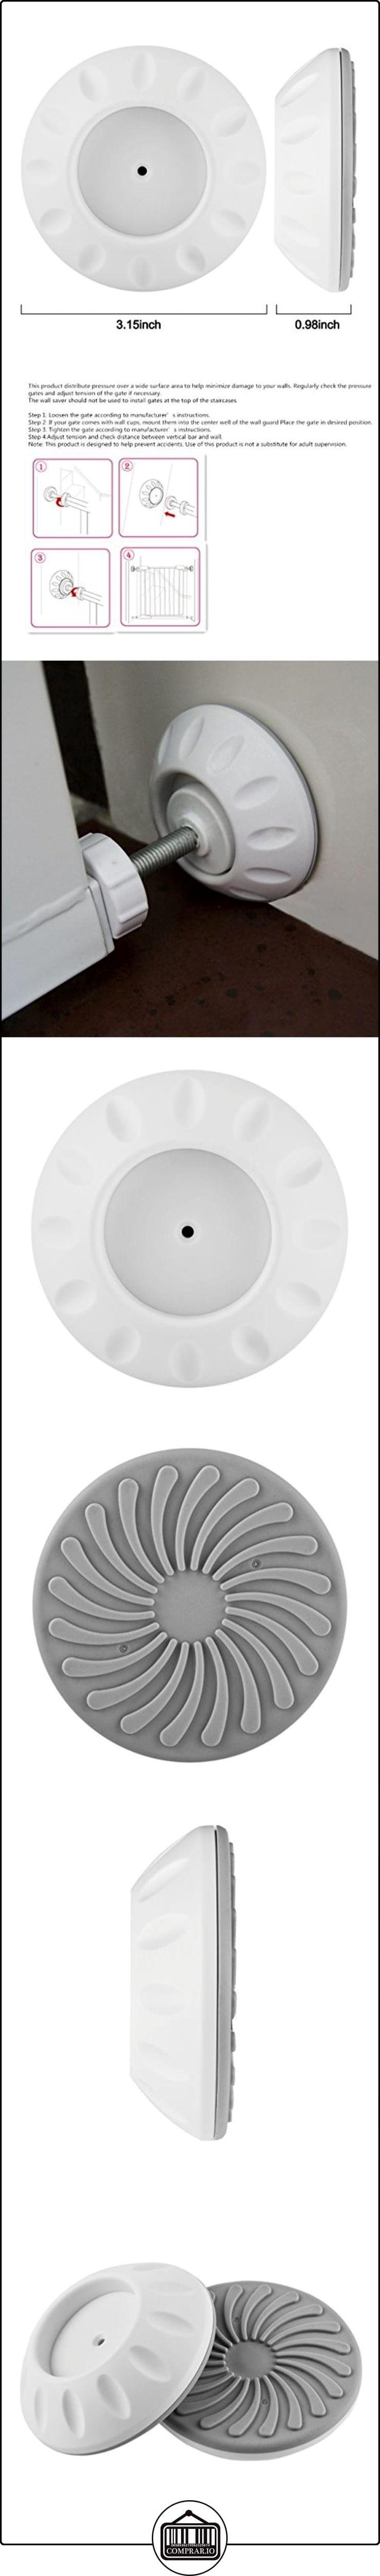 Magiin Kit de 2Pcs Protectores de Pared para Barrera de Puertas y Extensiones Almohadilla Cojín de Protección de Pared para Instalación de Tope de Puerta Barrera de Niños Mascotas  ✿ Seguridad para tu bebé - (Protege a tus hijos) ✿ ▬► Ver oferta: http://comprar.io/goto/B01MA13J42